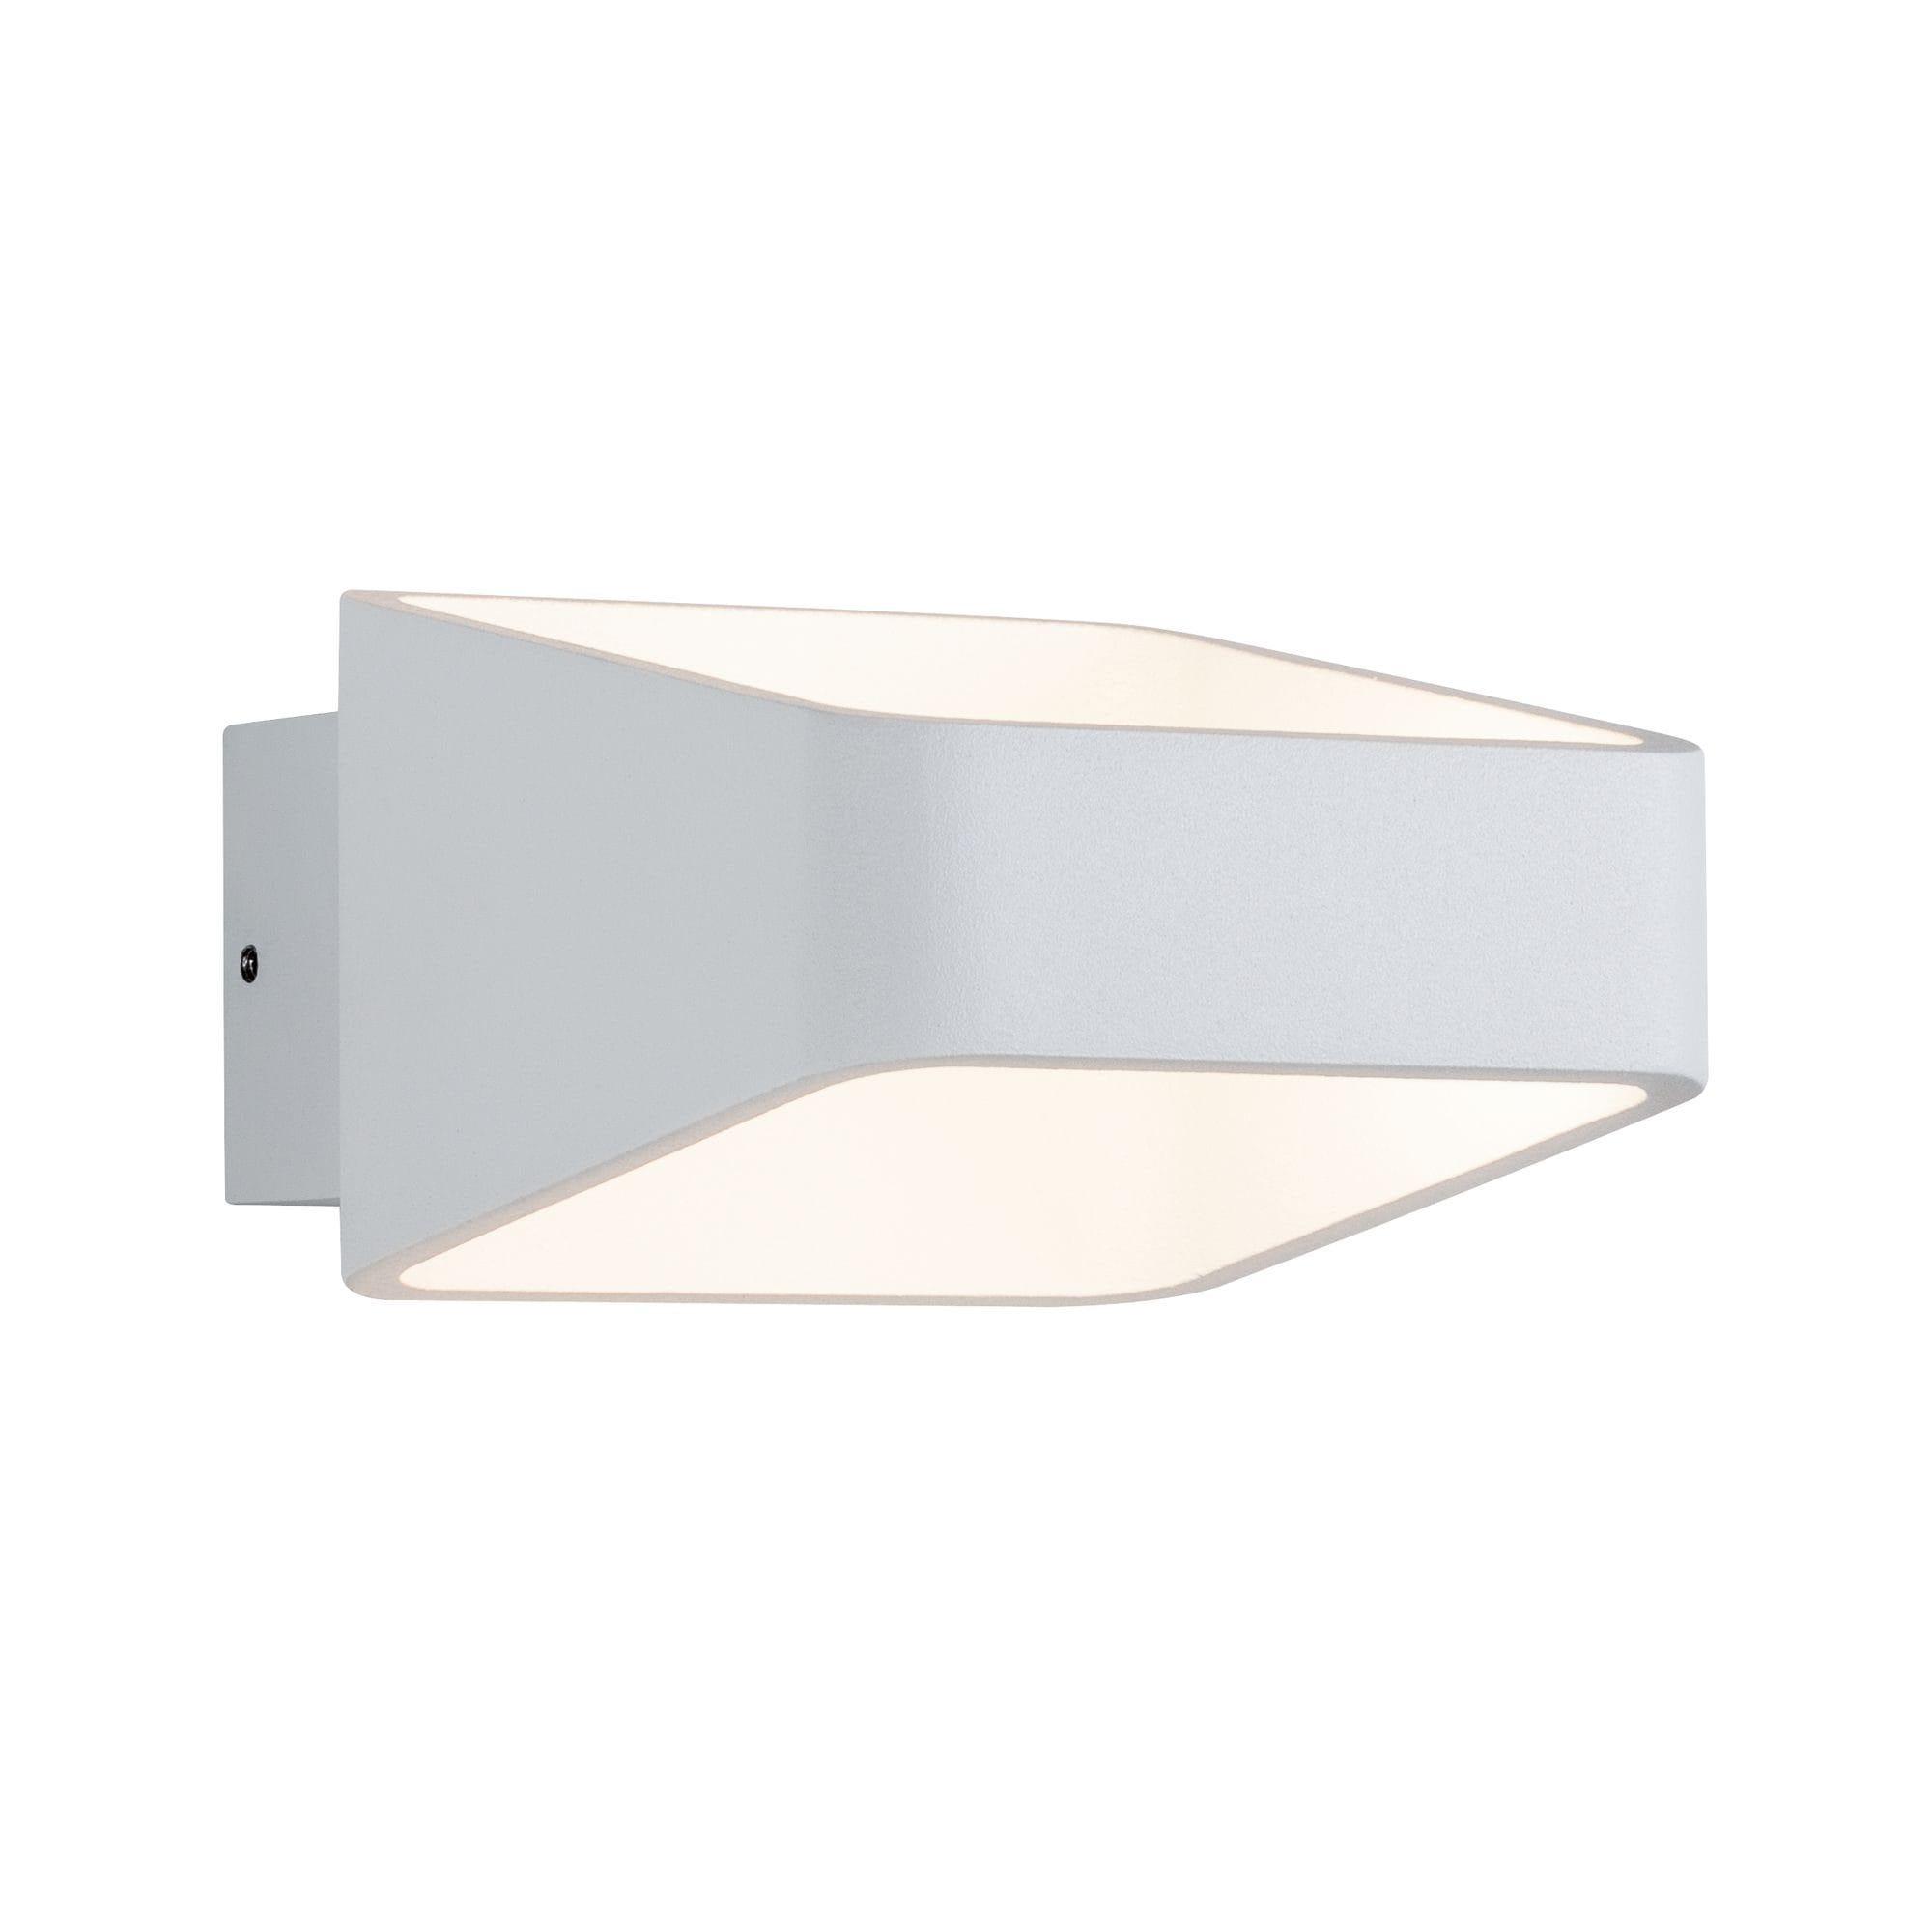 Paulmann LED Wandleuchte Stadio 5,5W Weiß, 1 St., Warmweiß